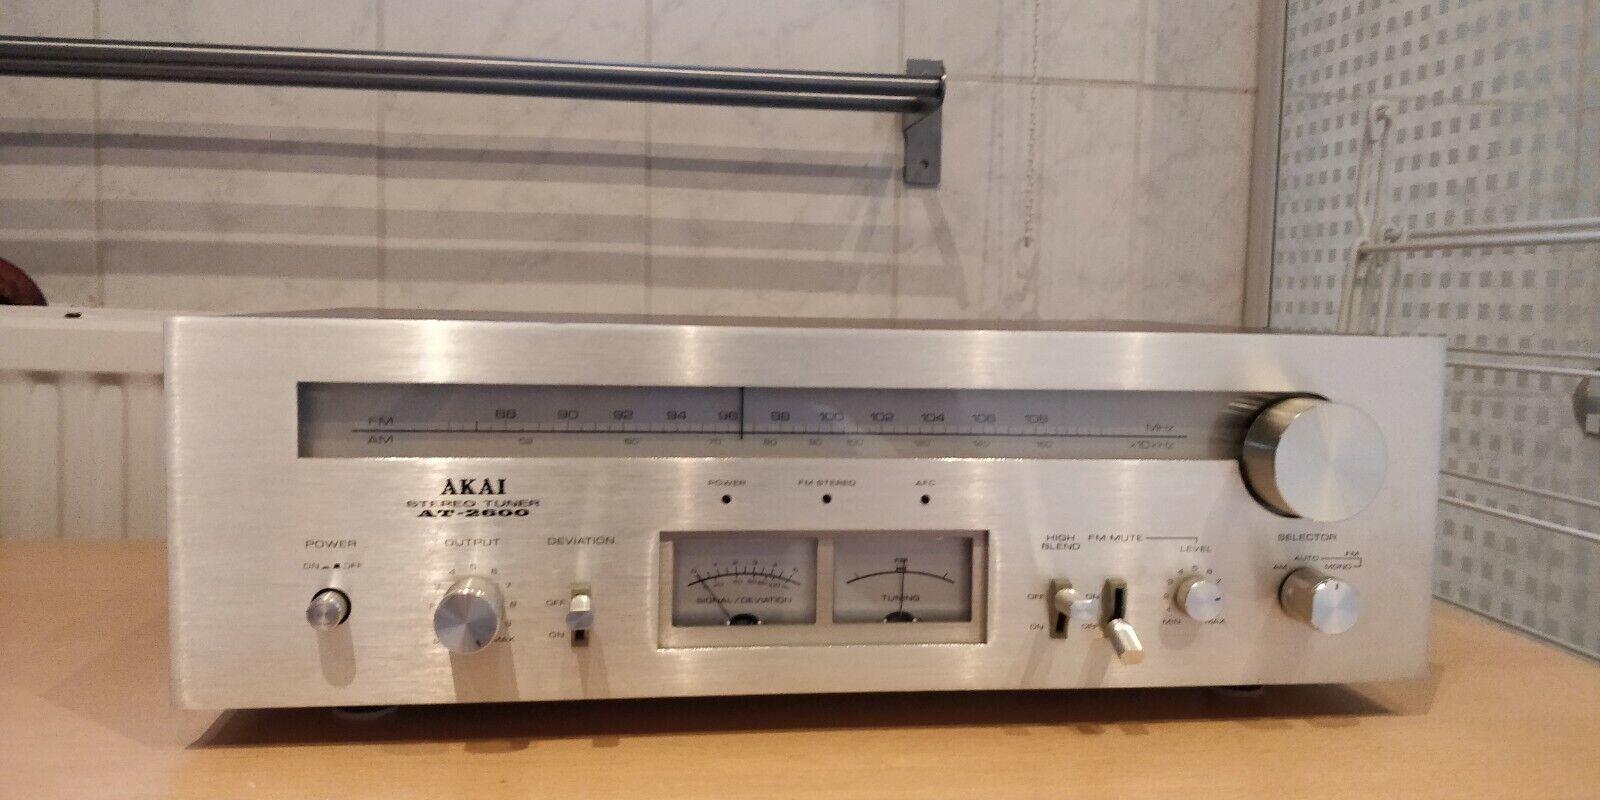 Akai AT-2600 Stereo Tuner (1976-79)